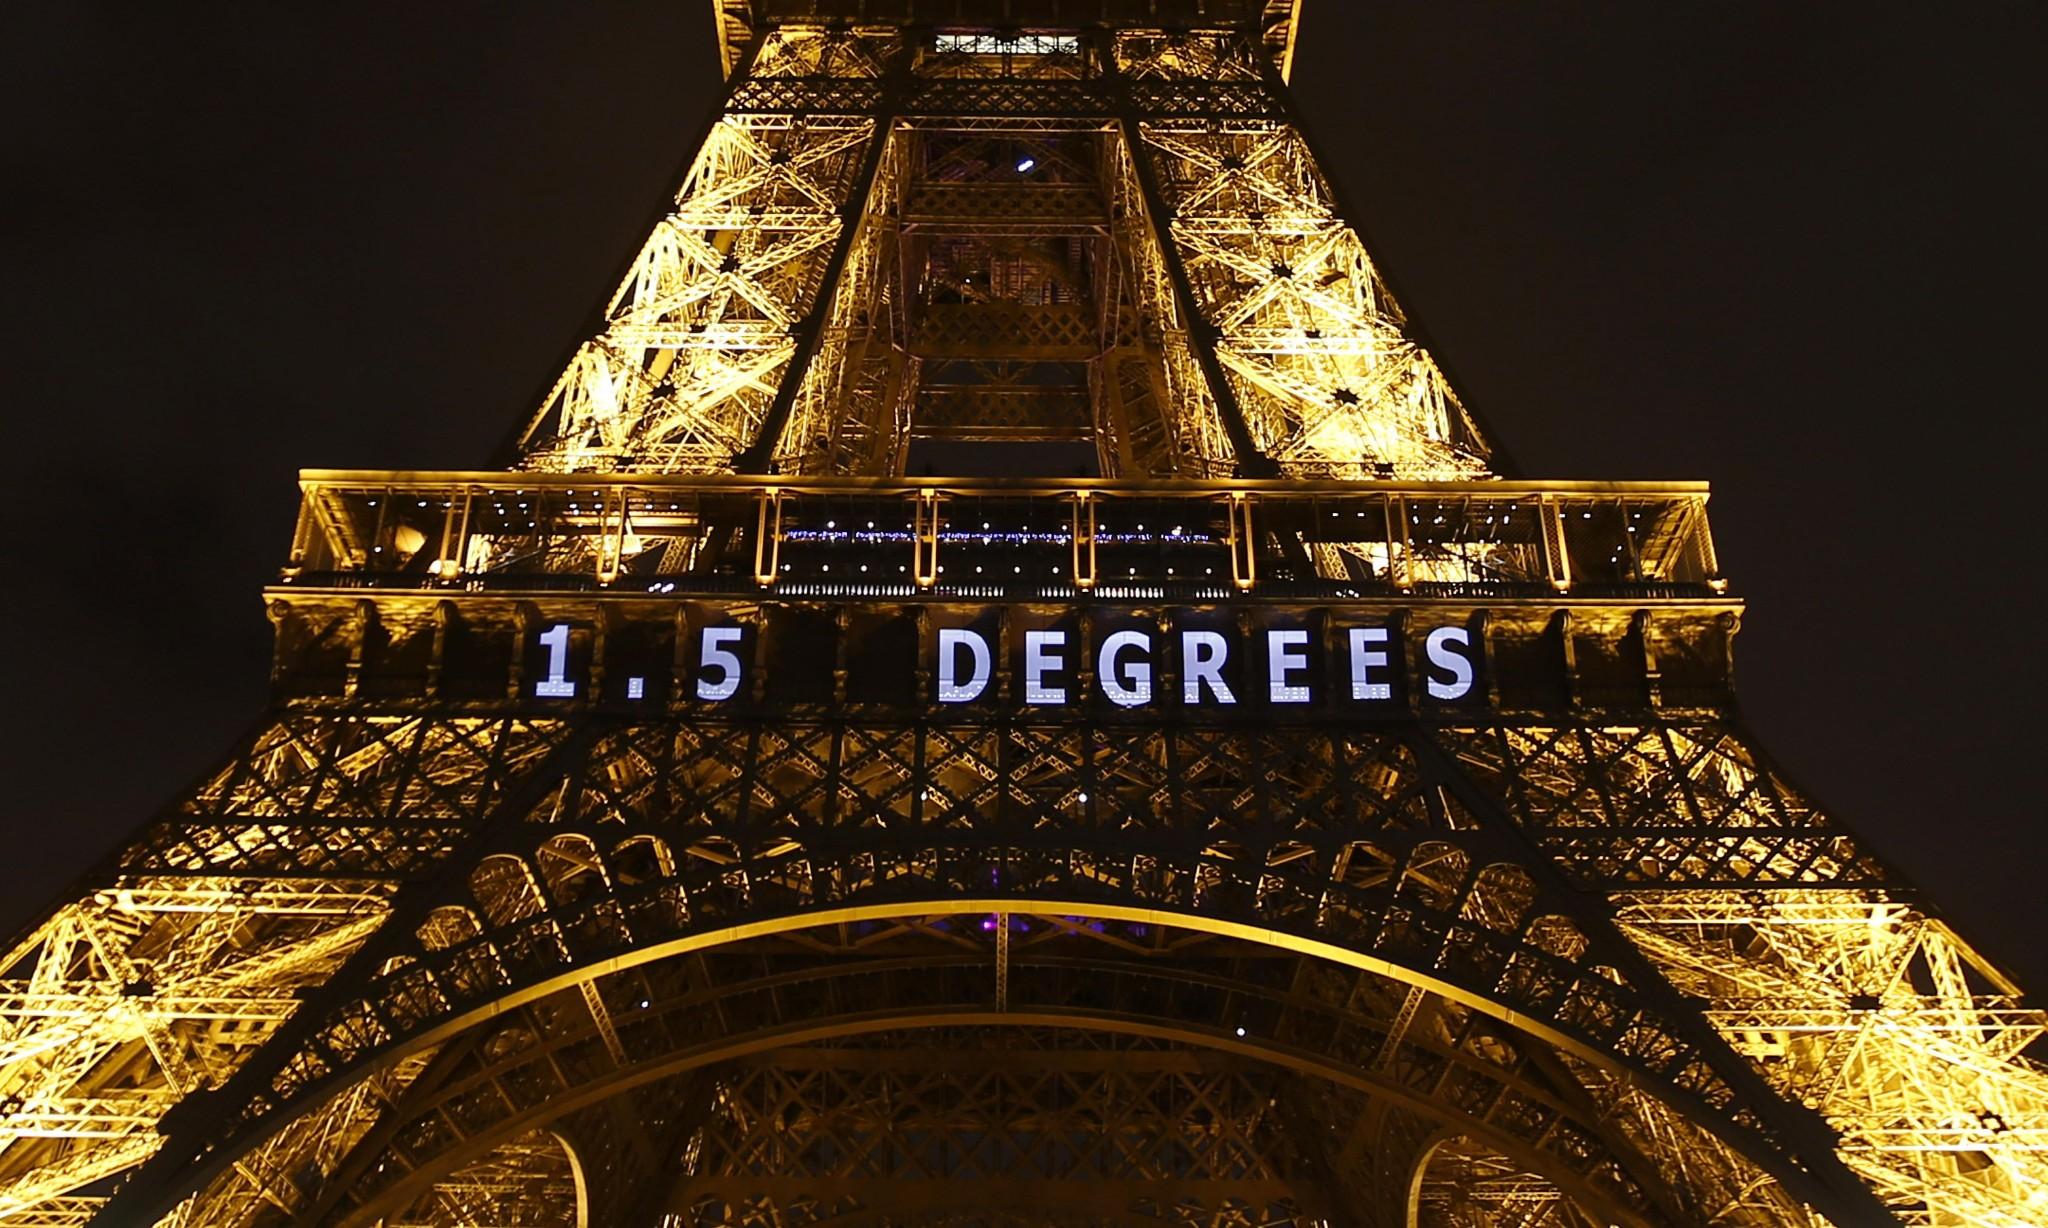 Paris climate change agreement enters into force